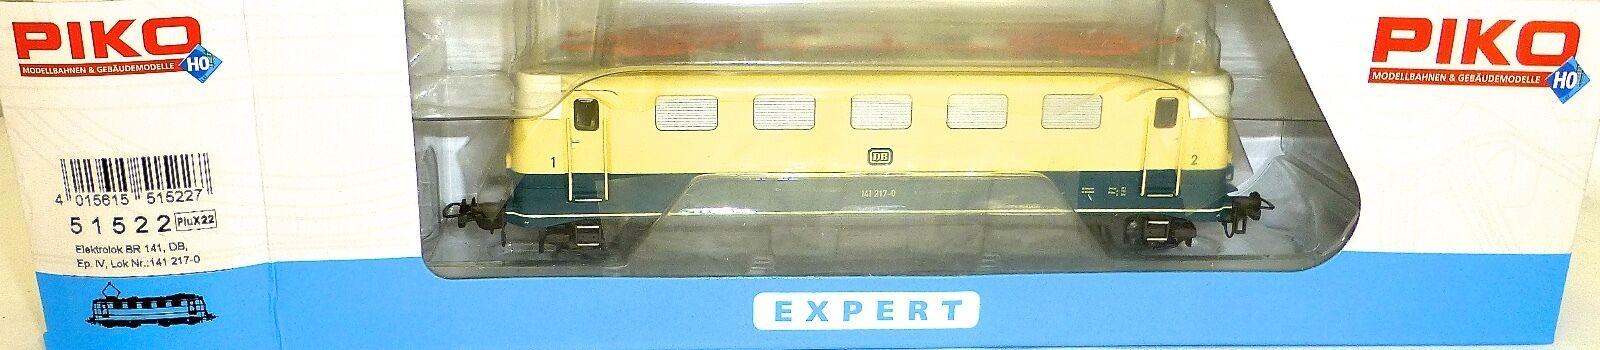 141 217-0 Locomotora Eléctrica Azul Crema DB epiv PIKO 51522 plux22 H0 187 HQ2